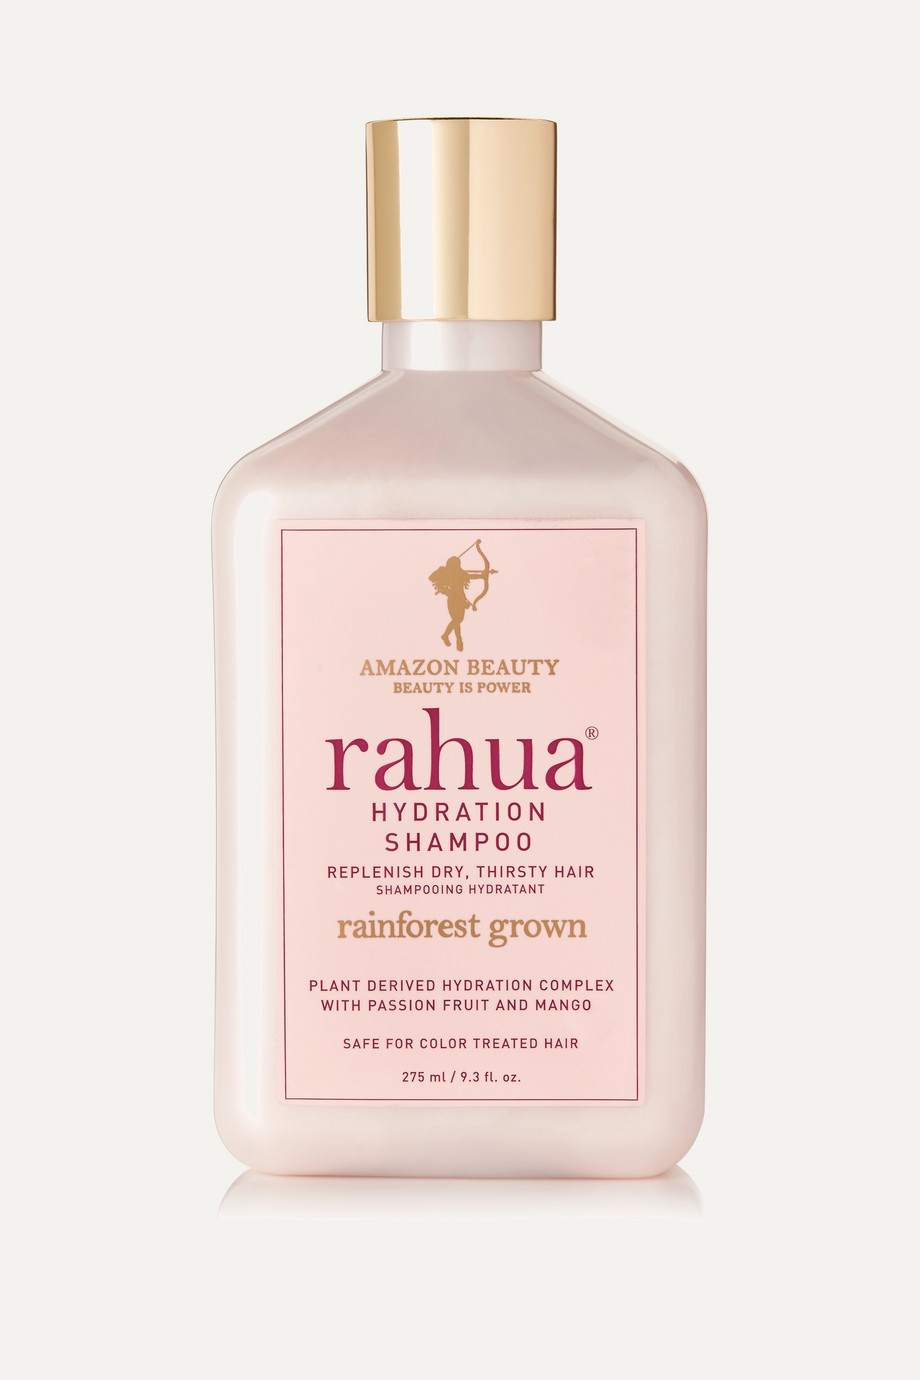 Rahua Hydration Shampoo, 275 ml – Shampoo